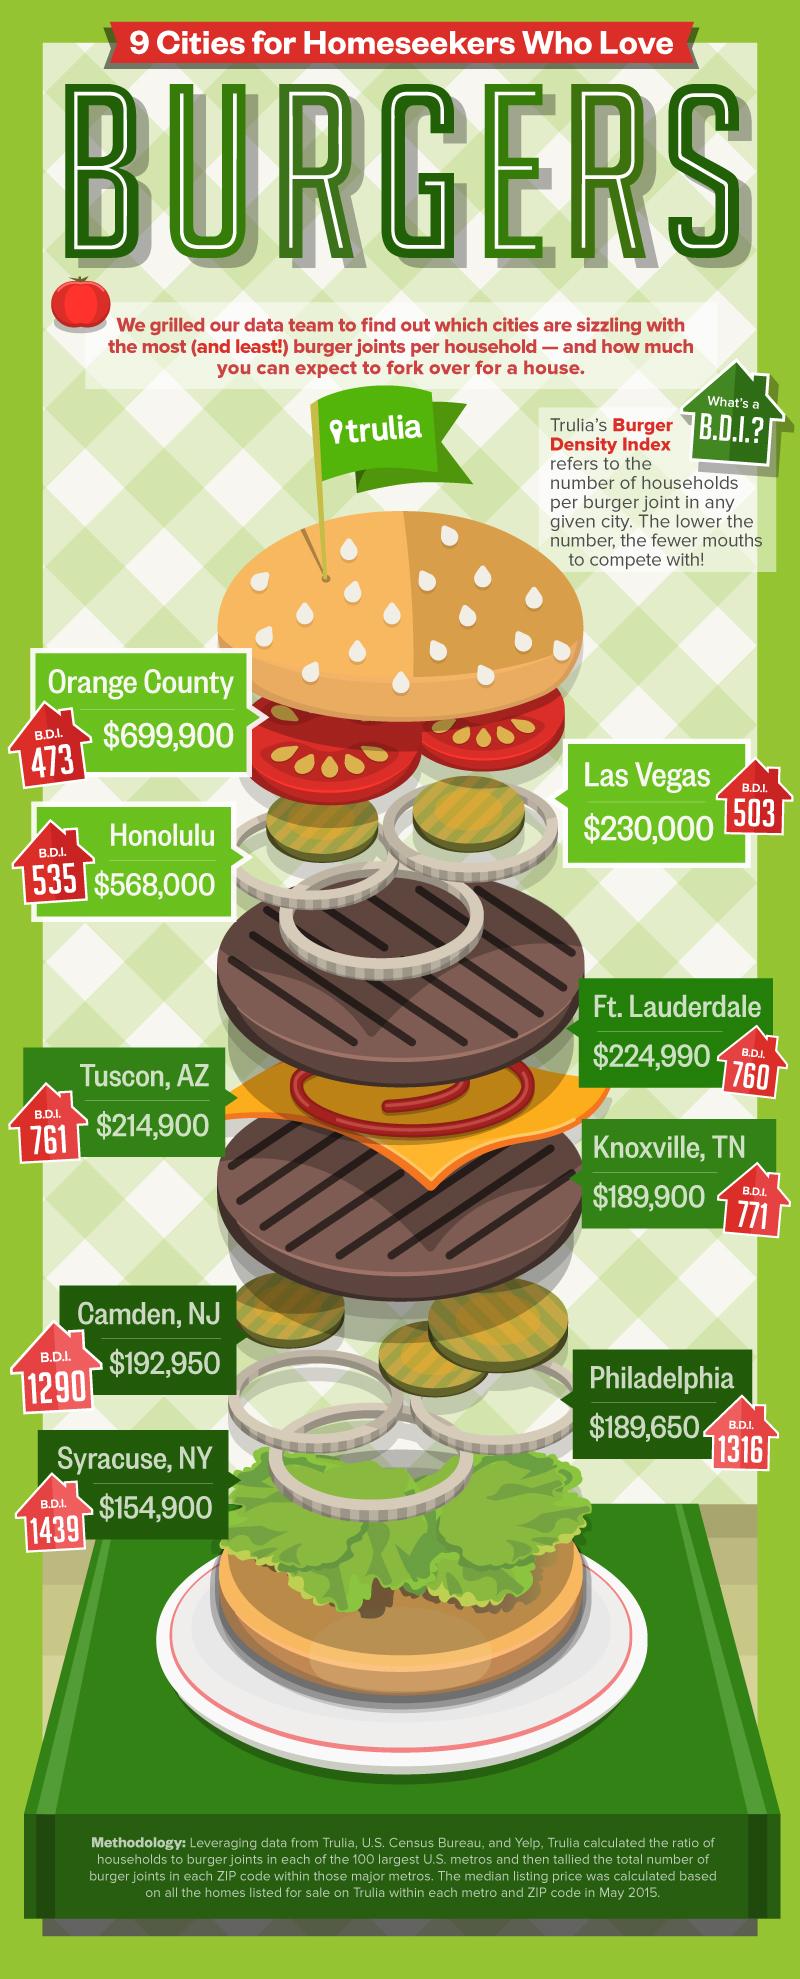 Trulia-Miles-Quillen-Infographic-Burgers